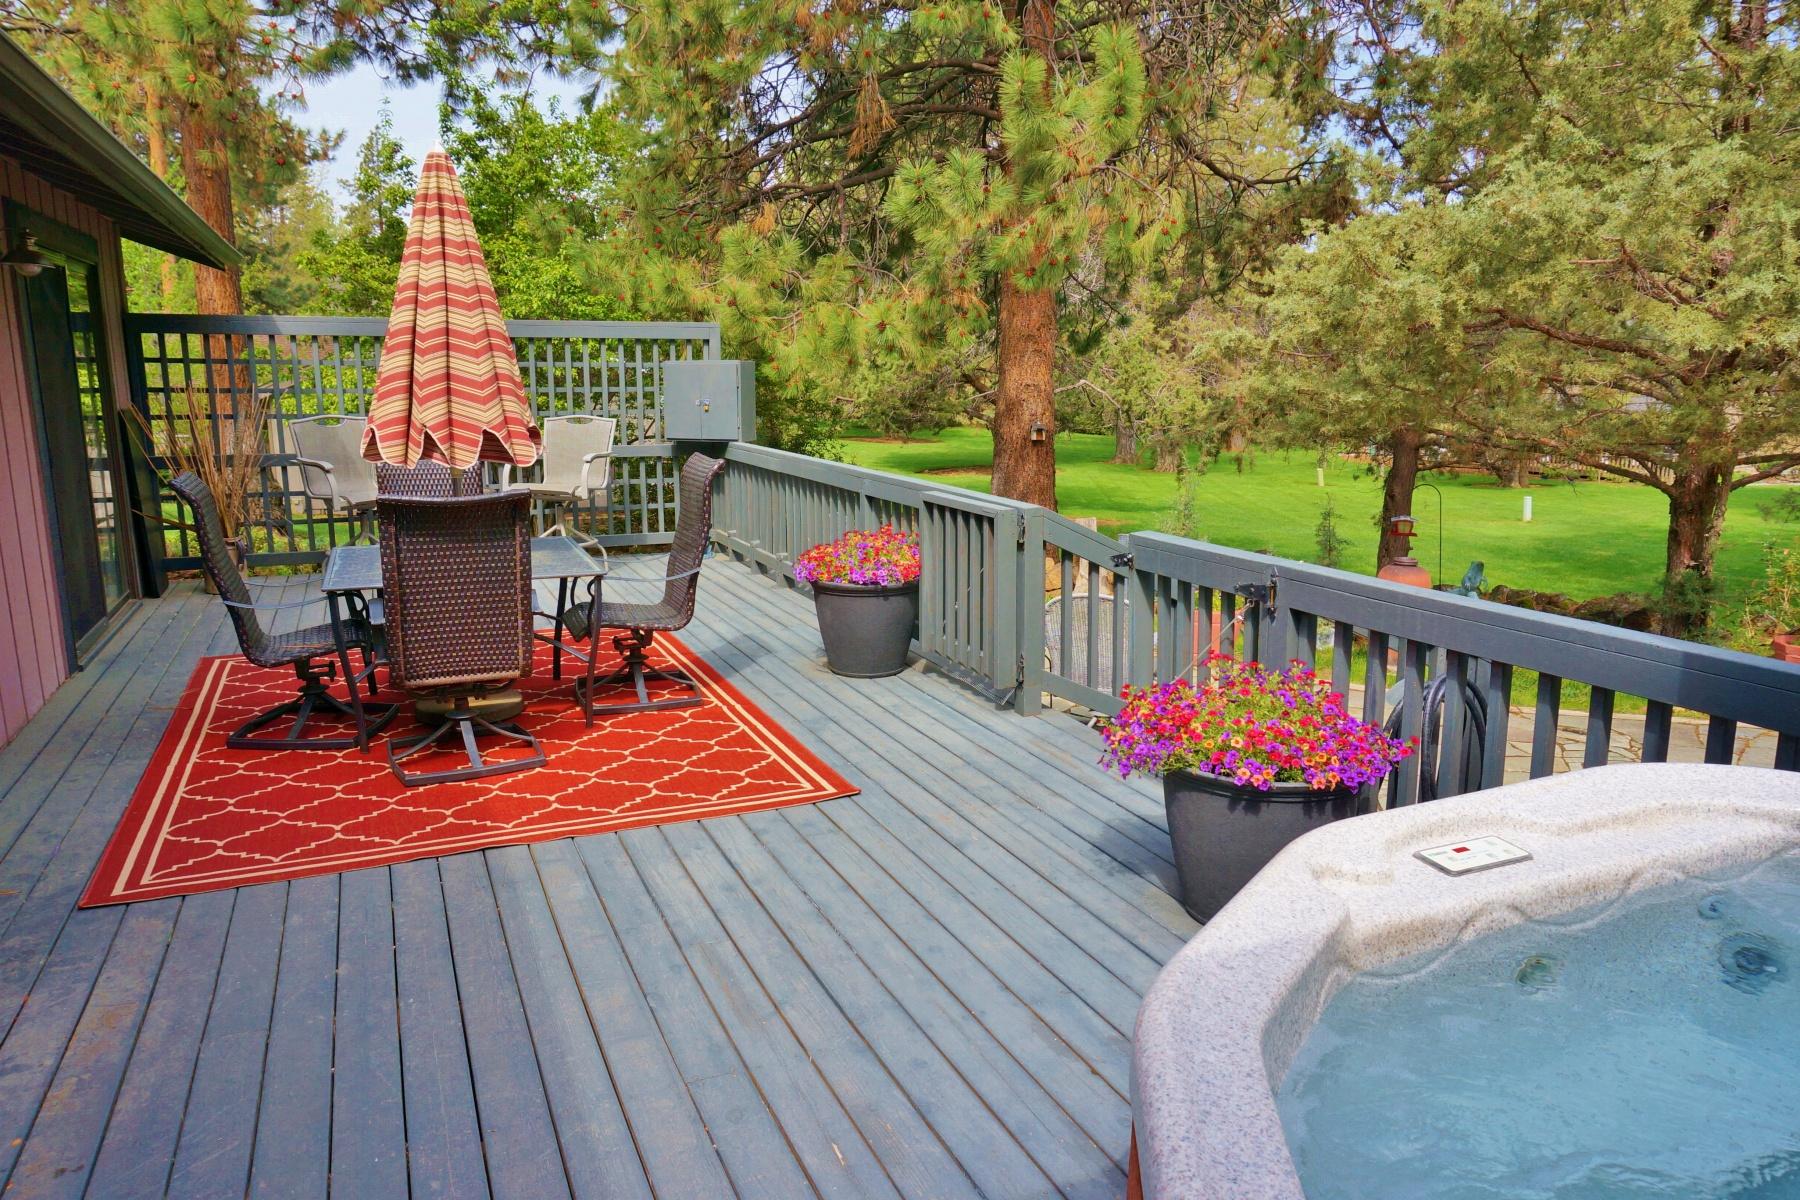 Частный односемейный дом для того Продажа на Timber Ridge 20436 Whistle Punk Bend, Орегон 97702 Соединенные Штаты